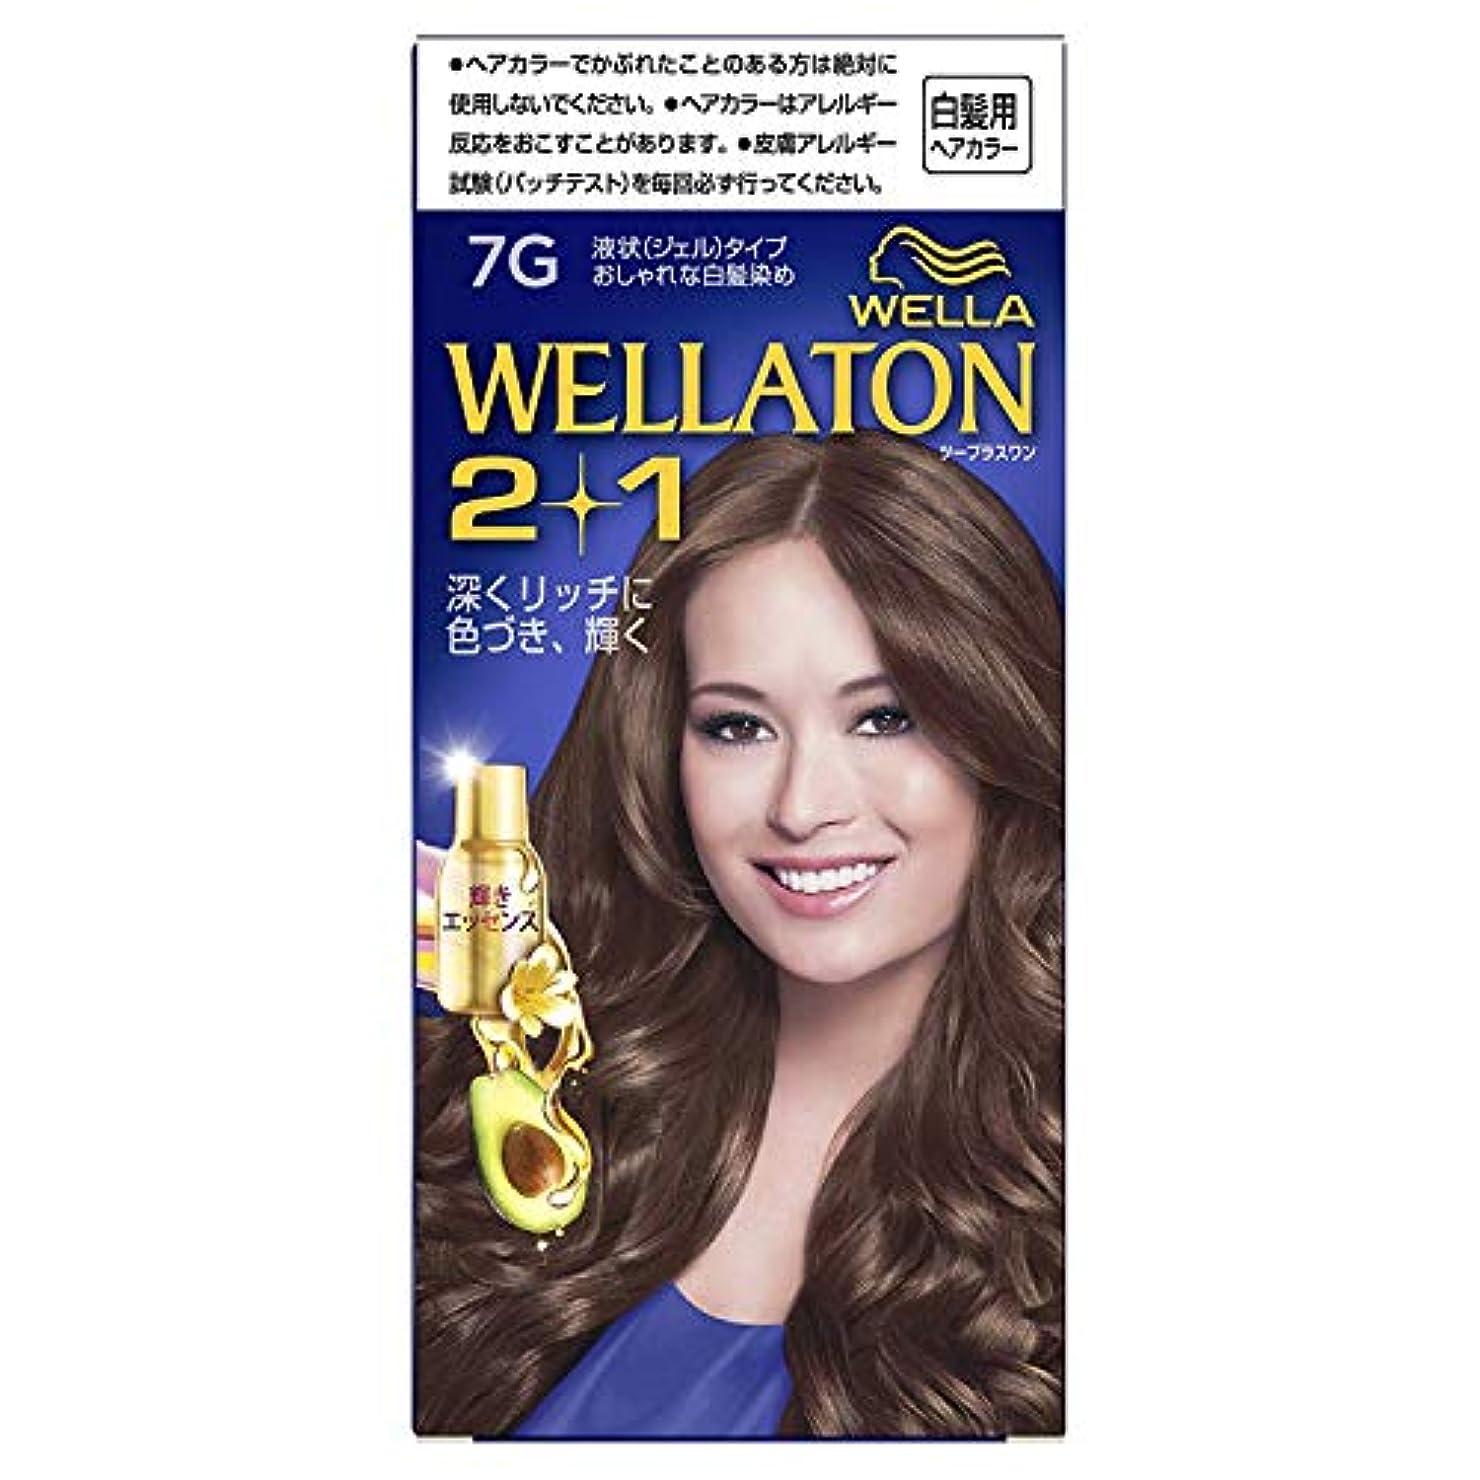 悲鳴雇用者豚肉ウエラトーン2+1 白髪染め 液状タイプ 7G [医薬部外品] ×6個